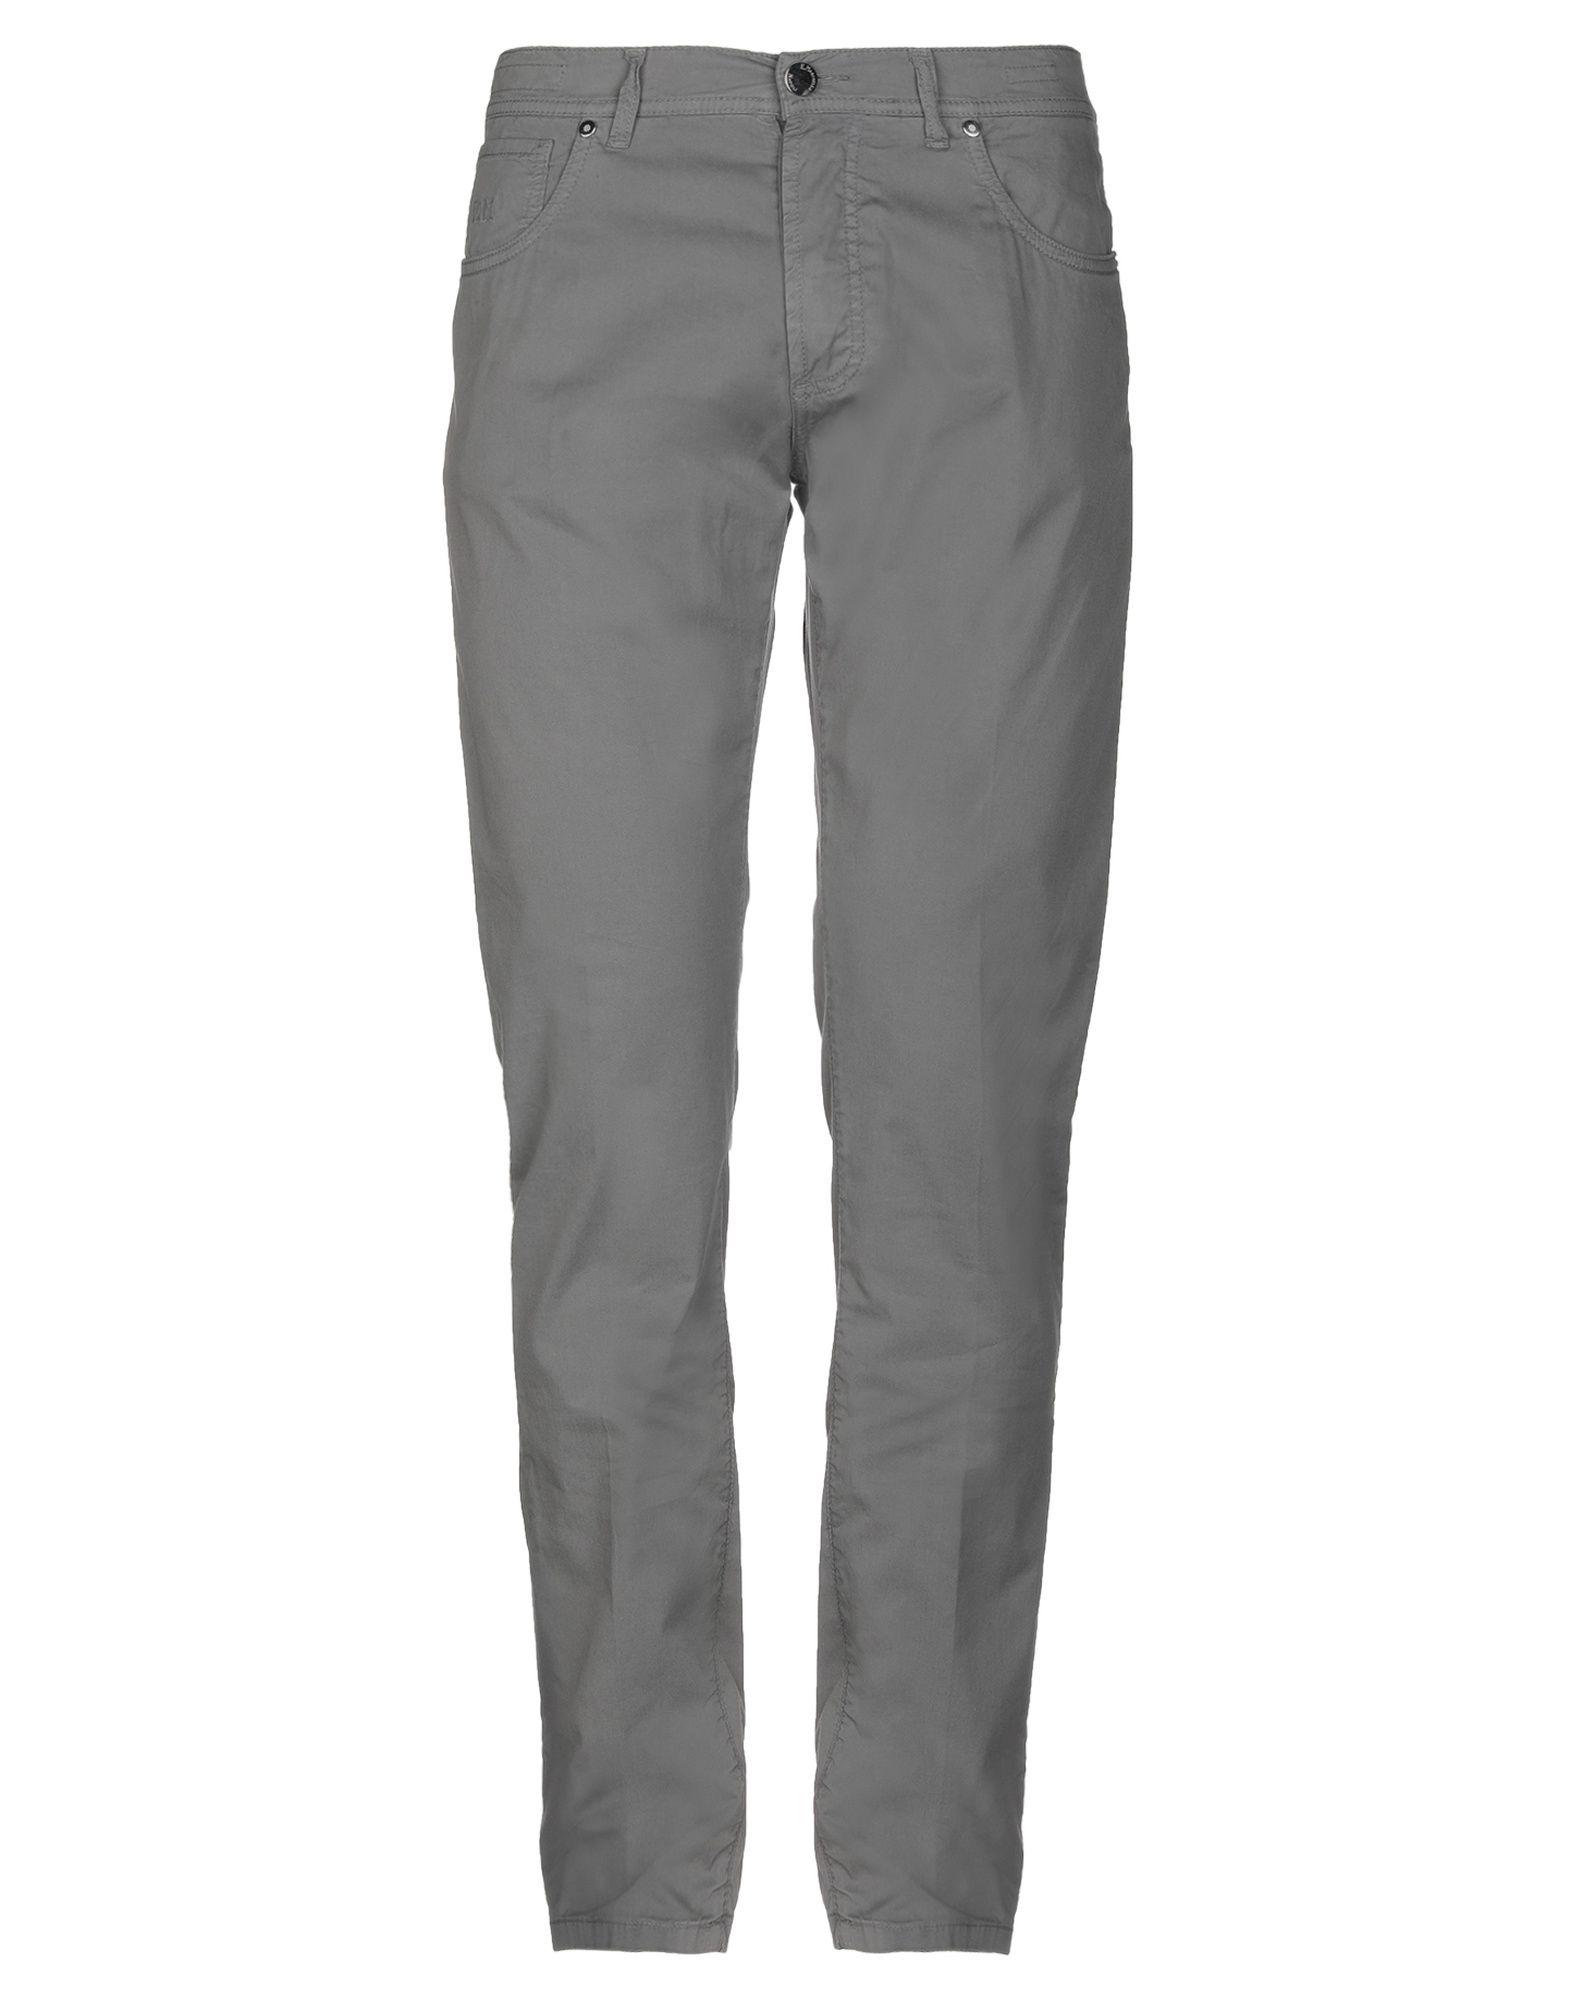 《セール開催中》E.MARINELLA メンズ パンツ グレー 36 98% コットン 2% ポリウレタン